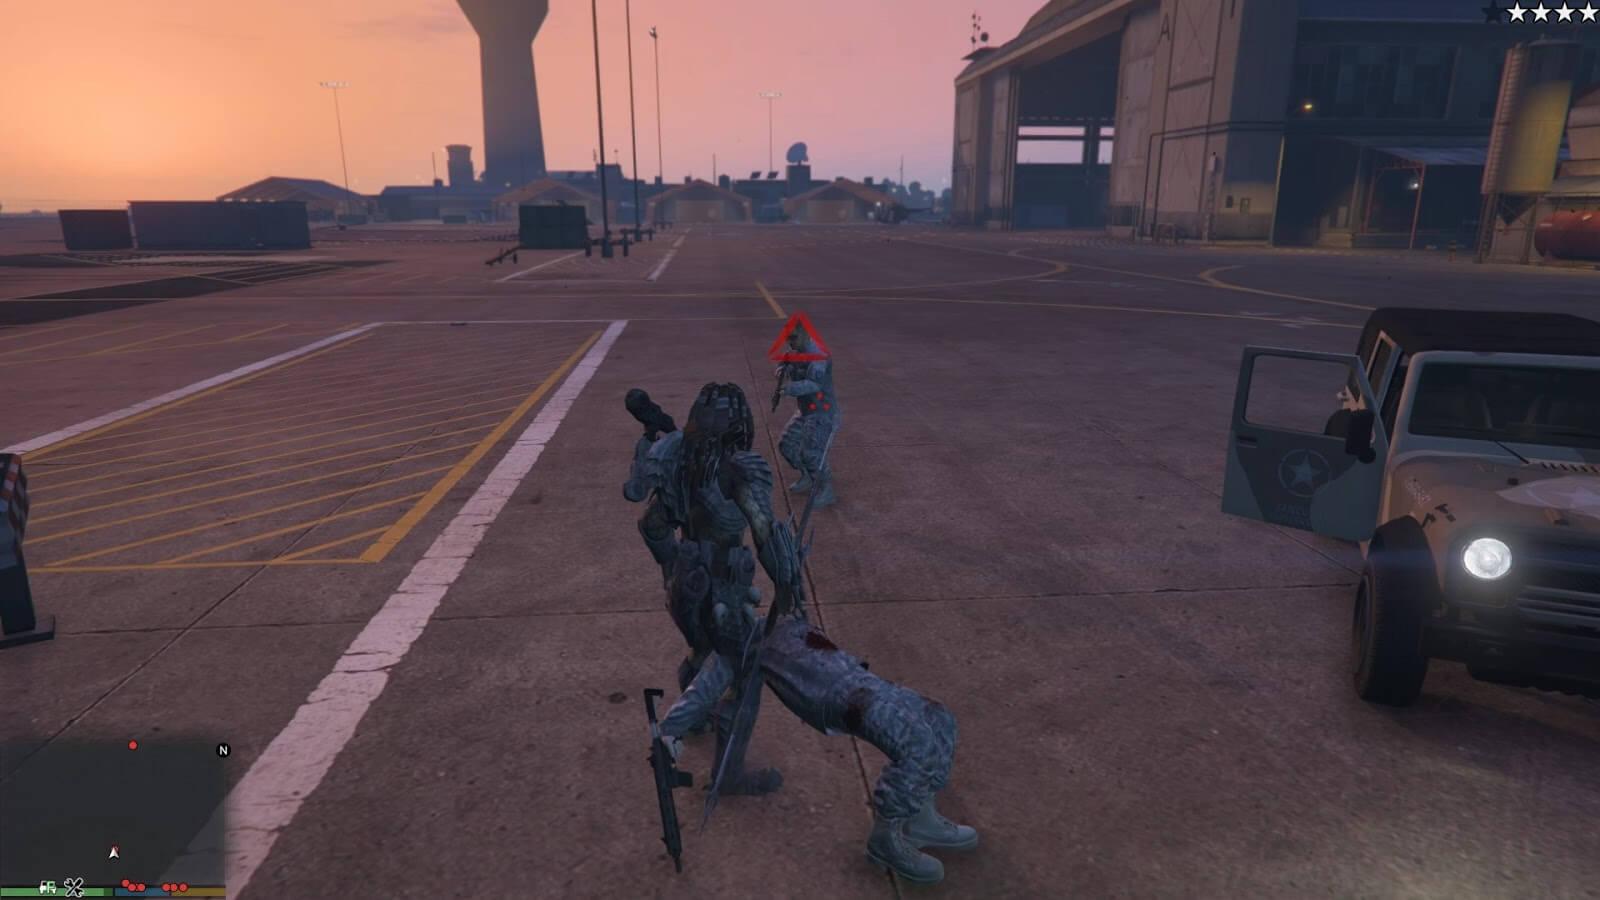 Мод Predator для GTA 5 от JulioNIB в духе фильмов, даже в